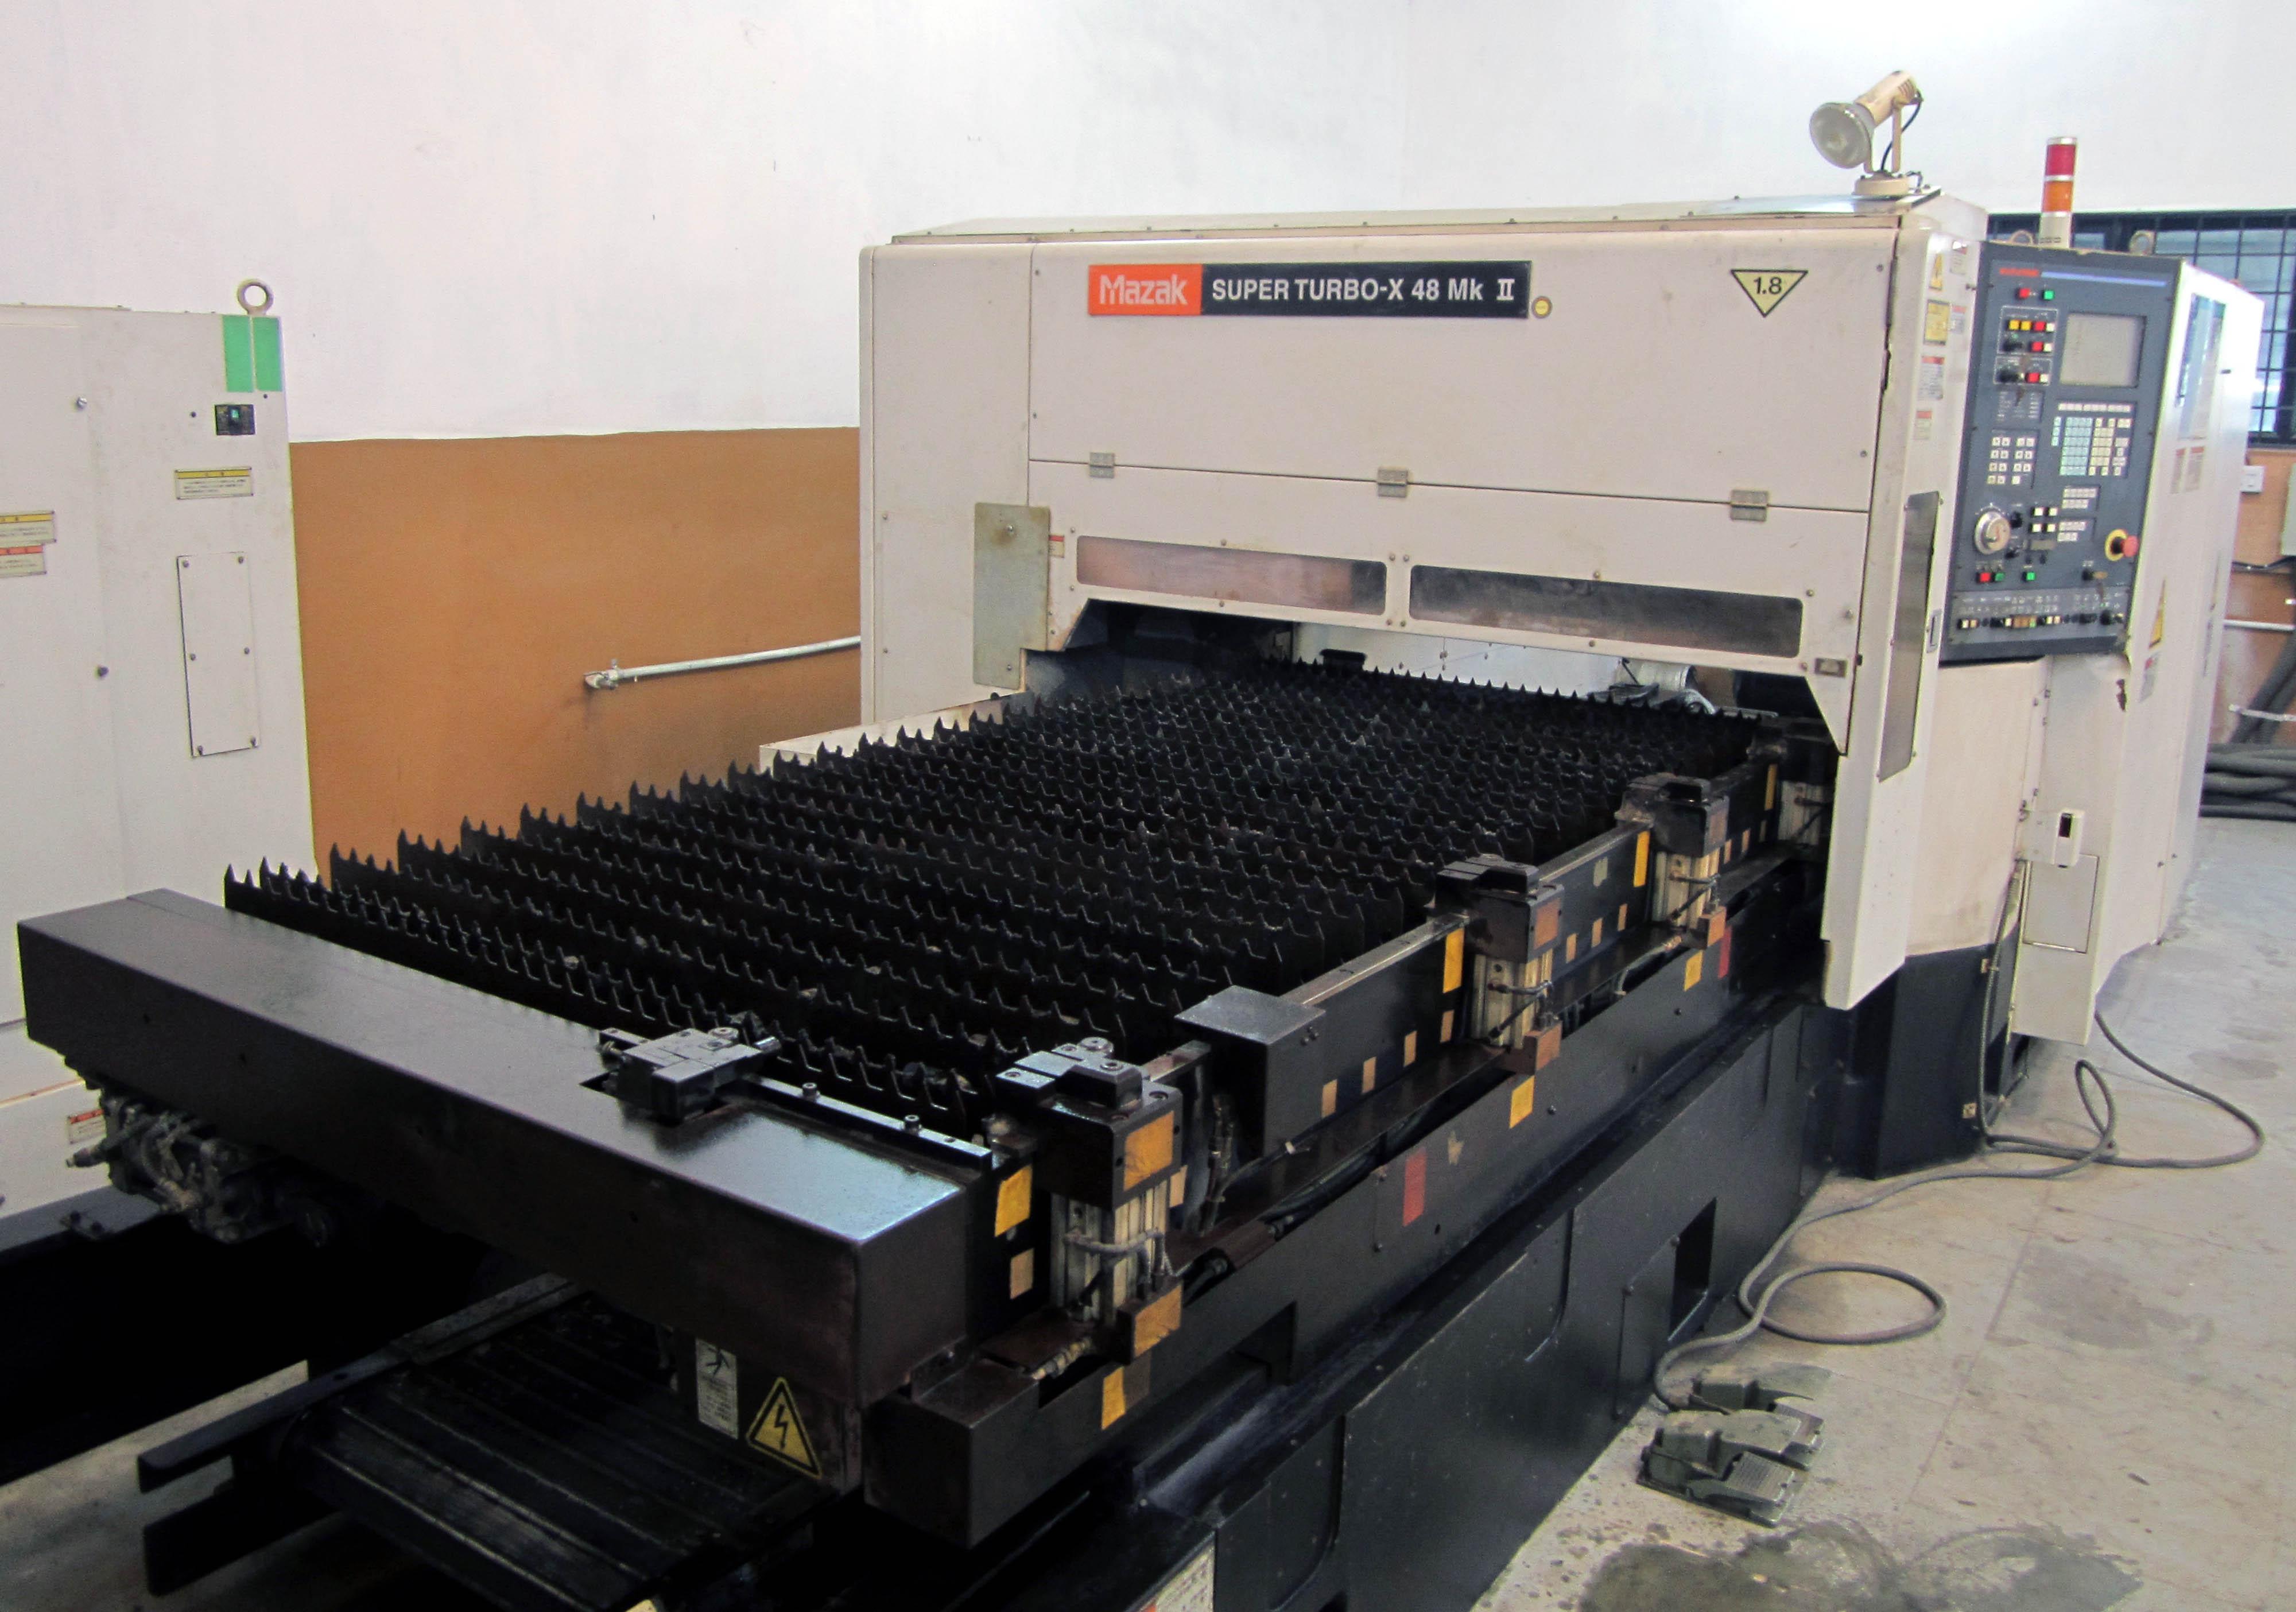 Mazak Superturbo Stx Mk Ii Laser Cutting Machine Exapro